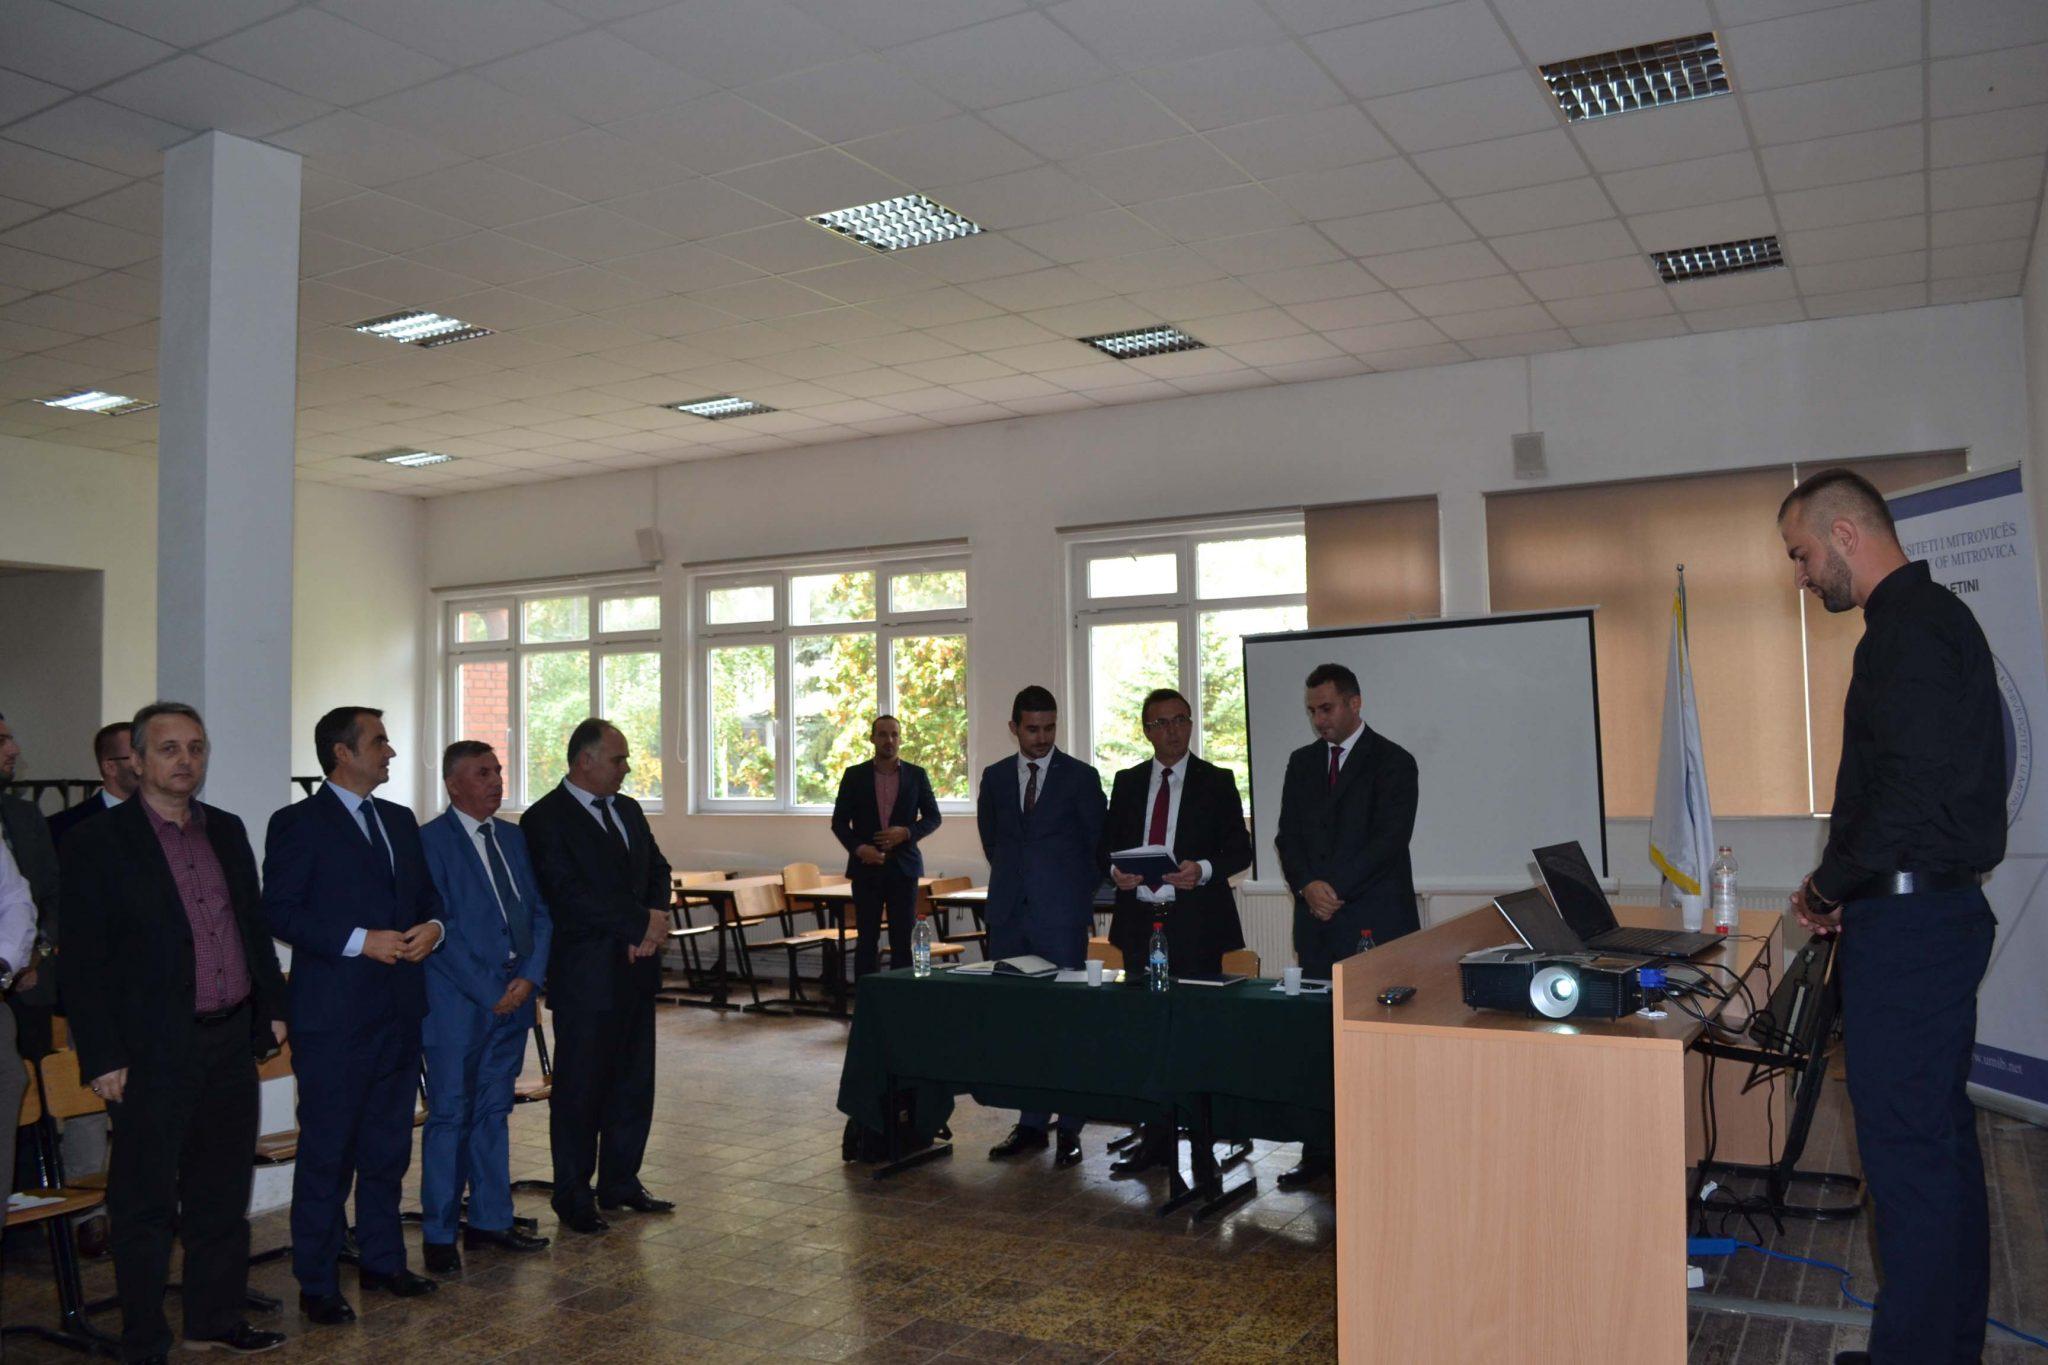 Ceremonia E Diplomimit Në Ekonomik (shtator 2017)